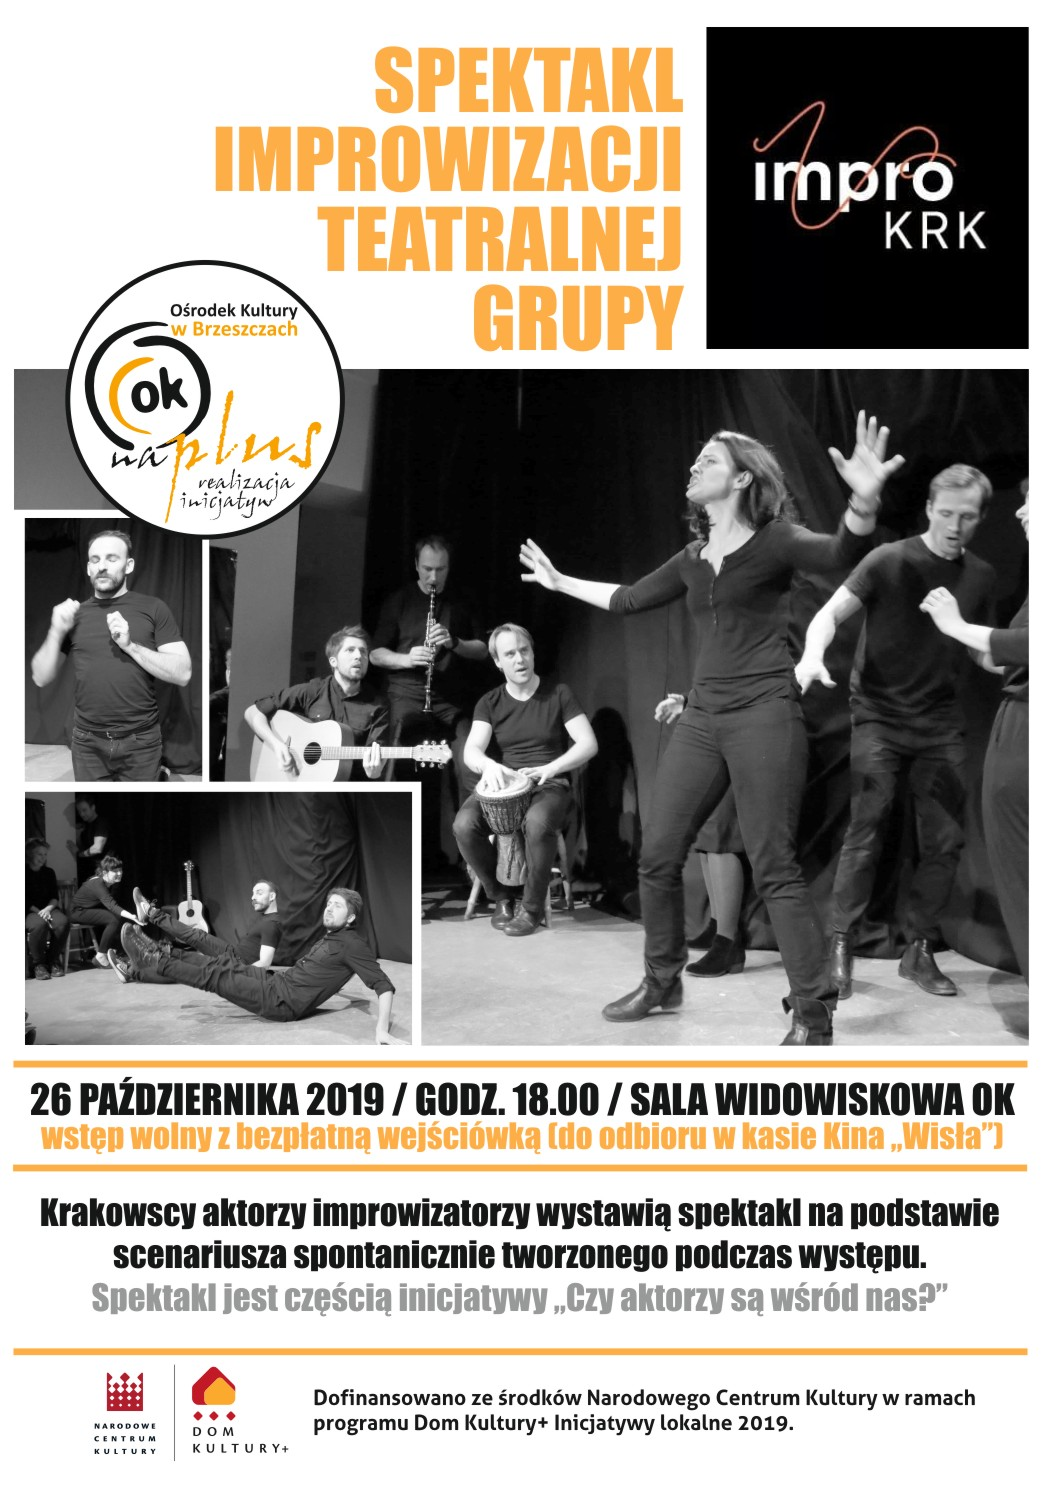 Spektakl Improwizacji Teatralnej Grupy Impro Krk